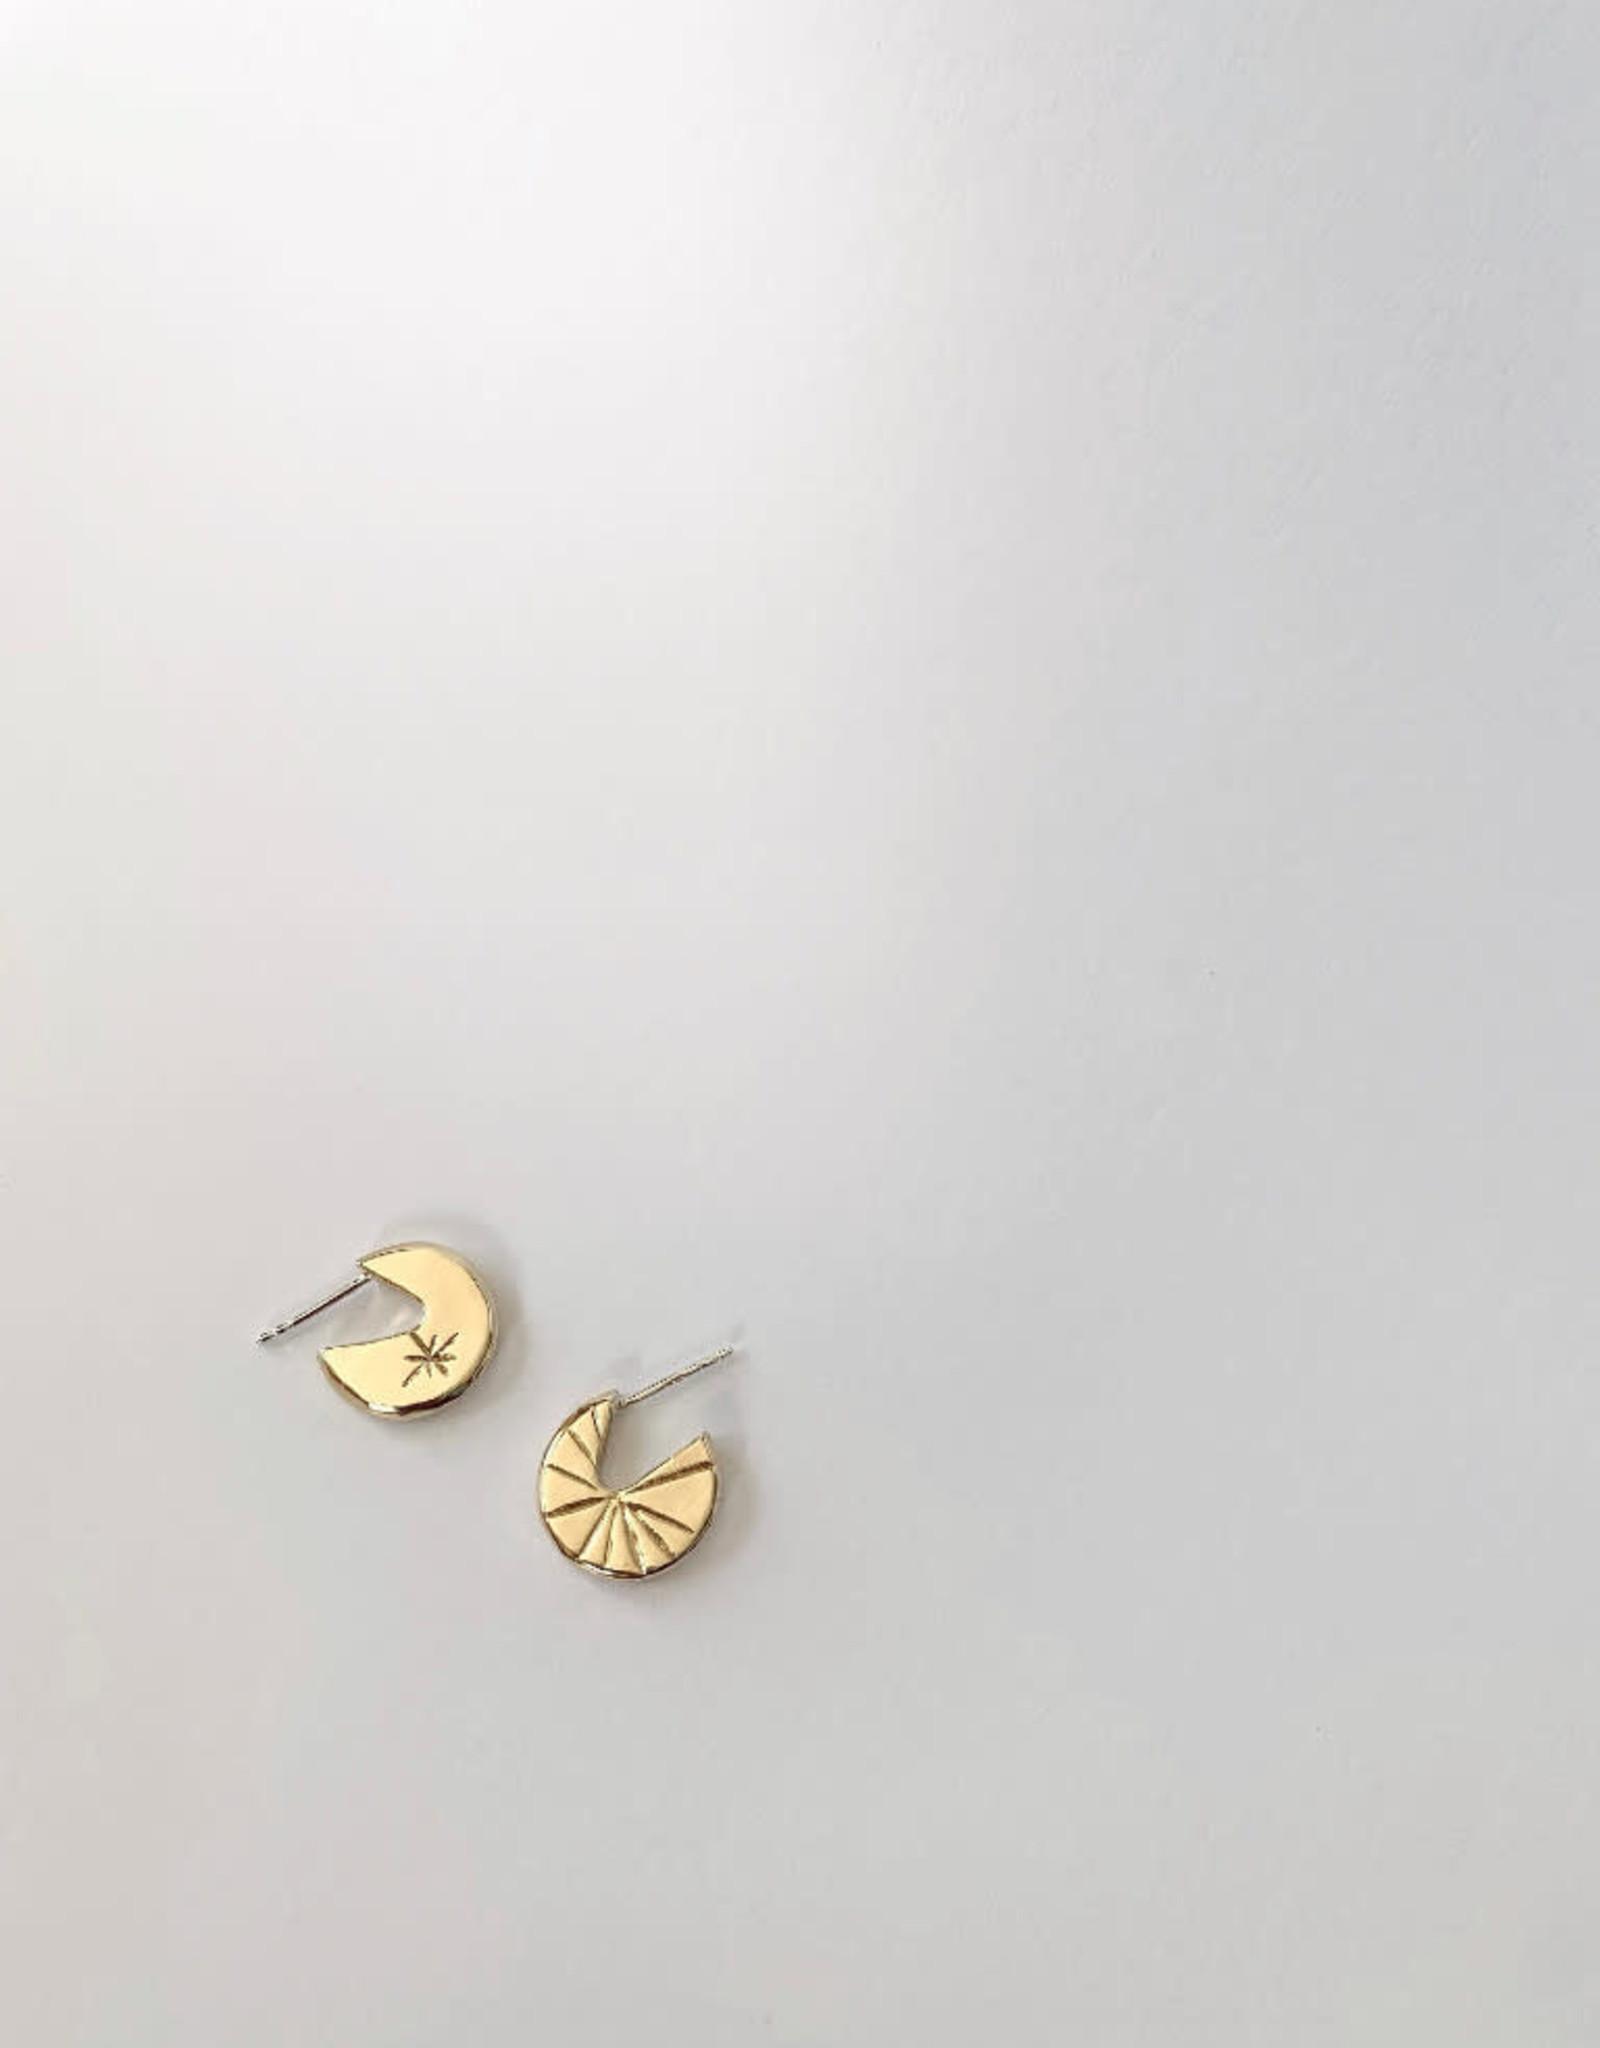 La Manufacture Boucles d'oreilles Ciel La Manufacture Laiton